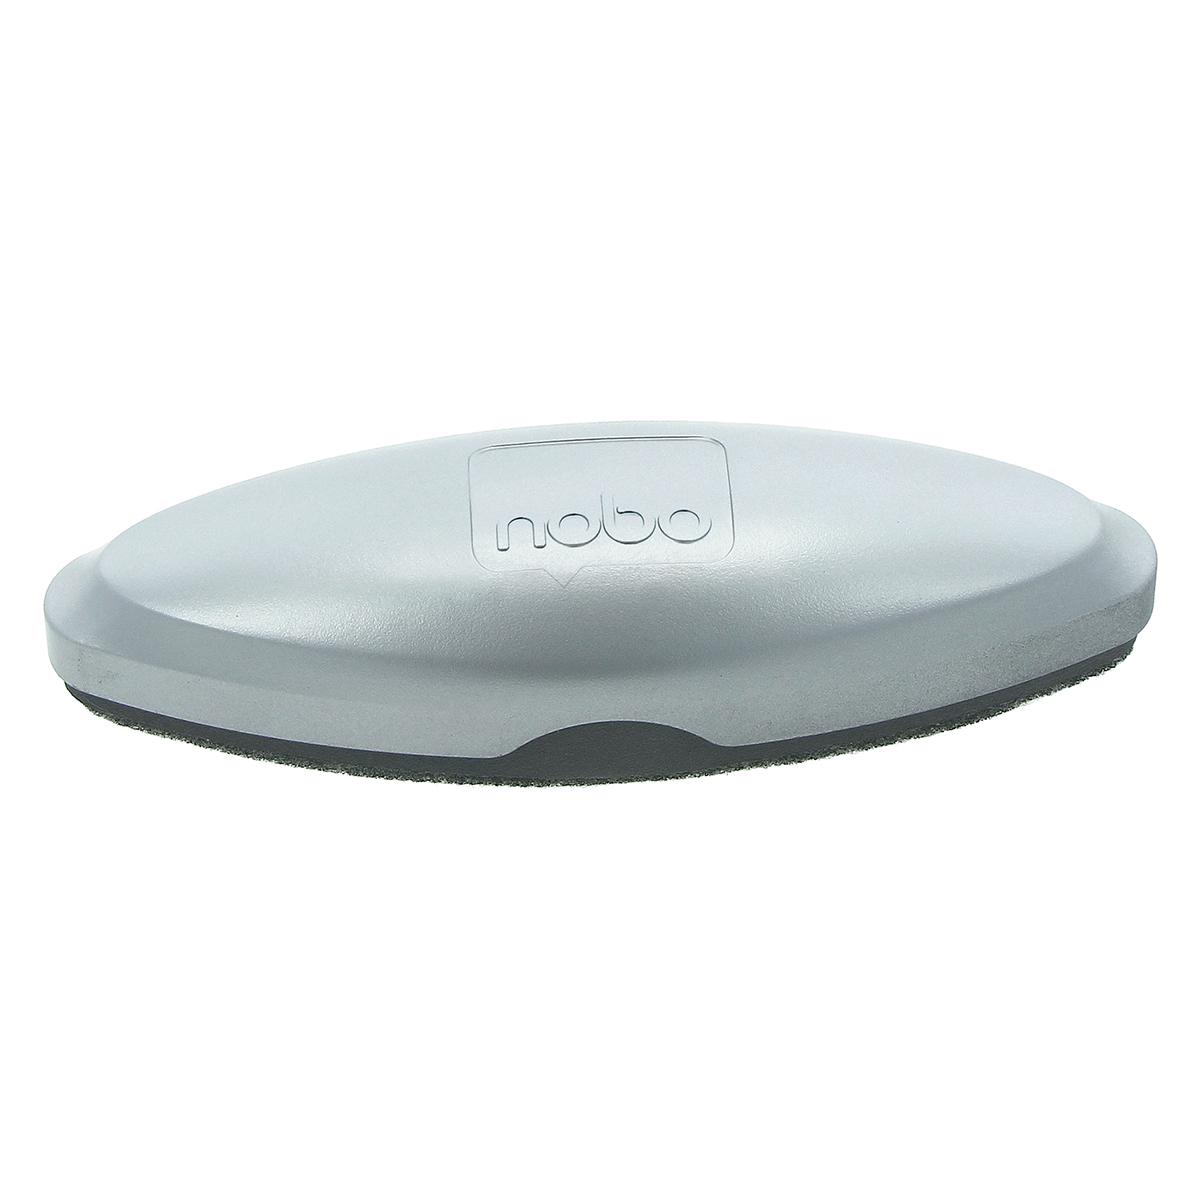 Nobo 1904100 Glass Whiteboard Eraser